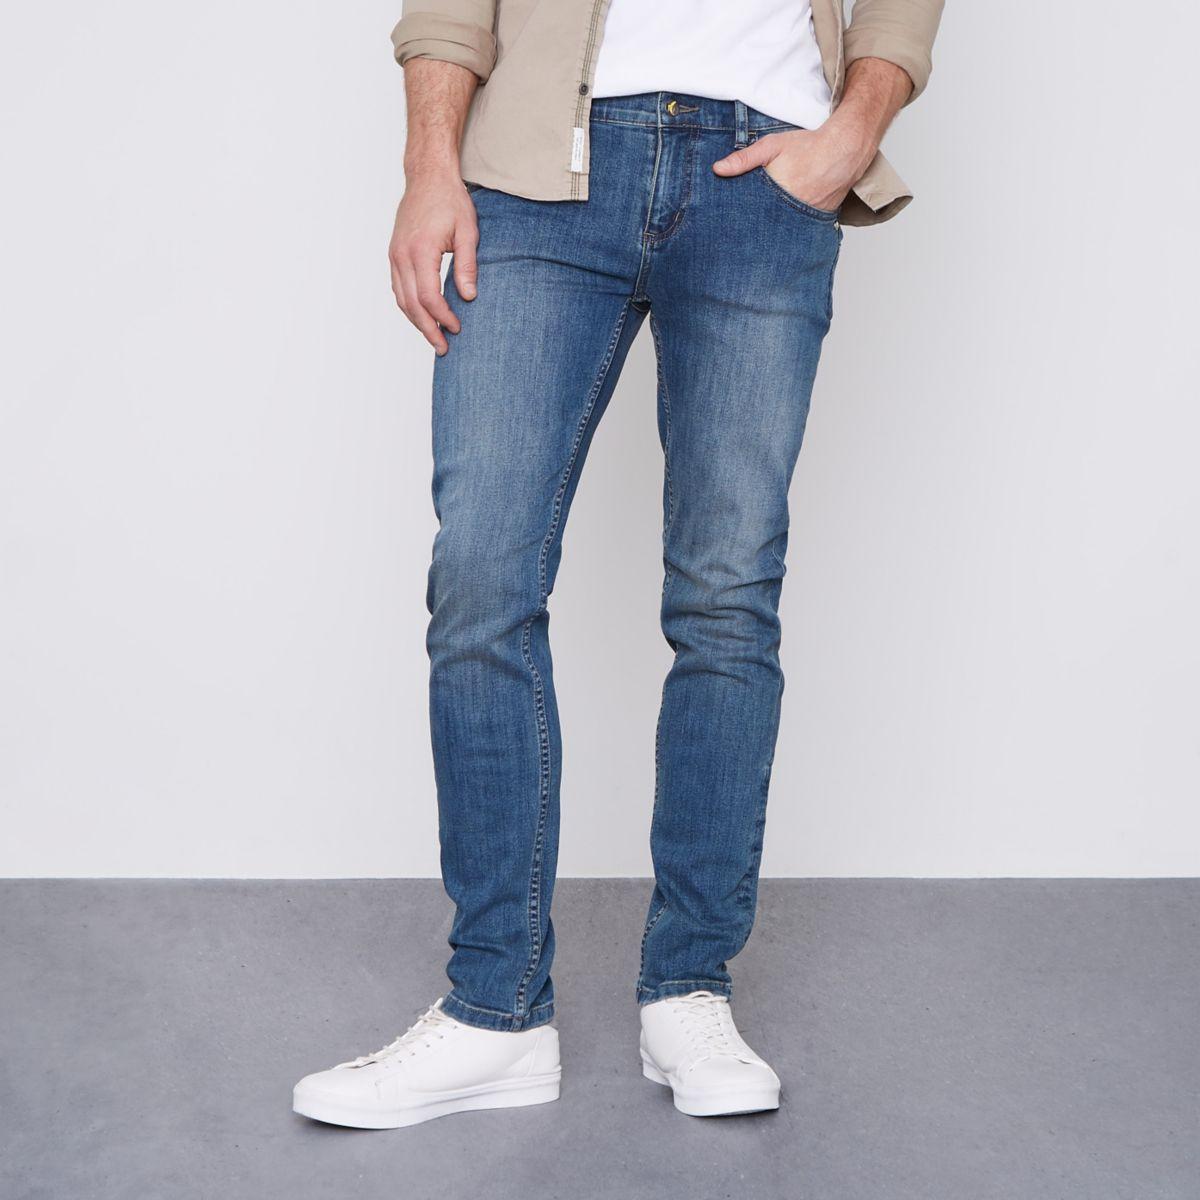 Monkee Genes Blaue, klassische Skinny Jeans